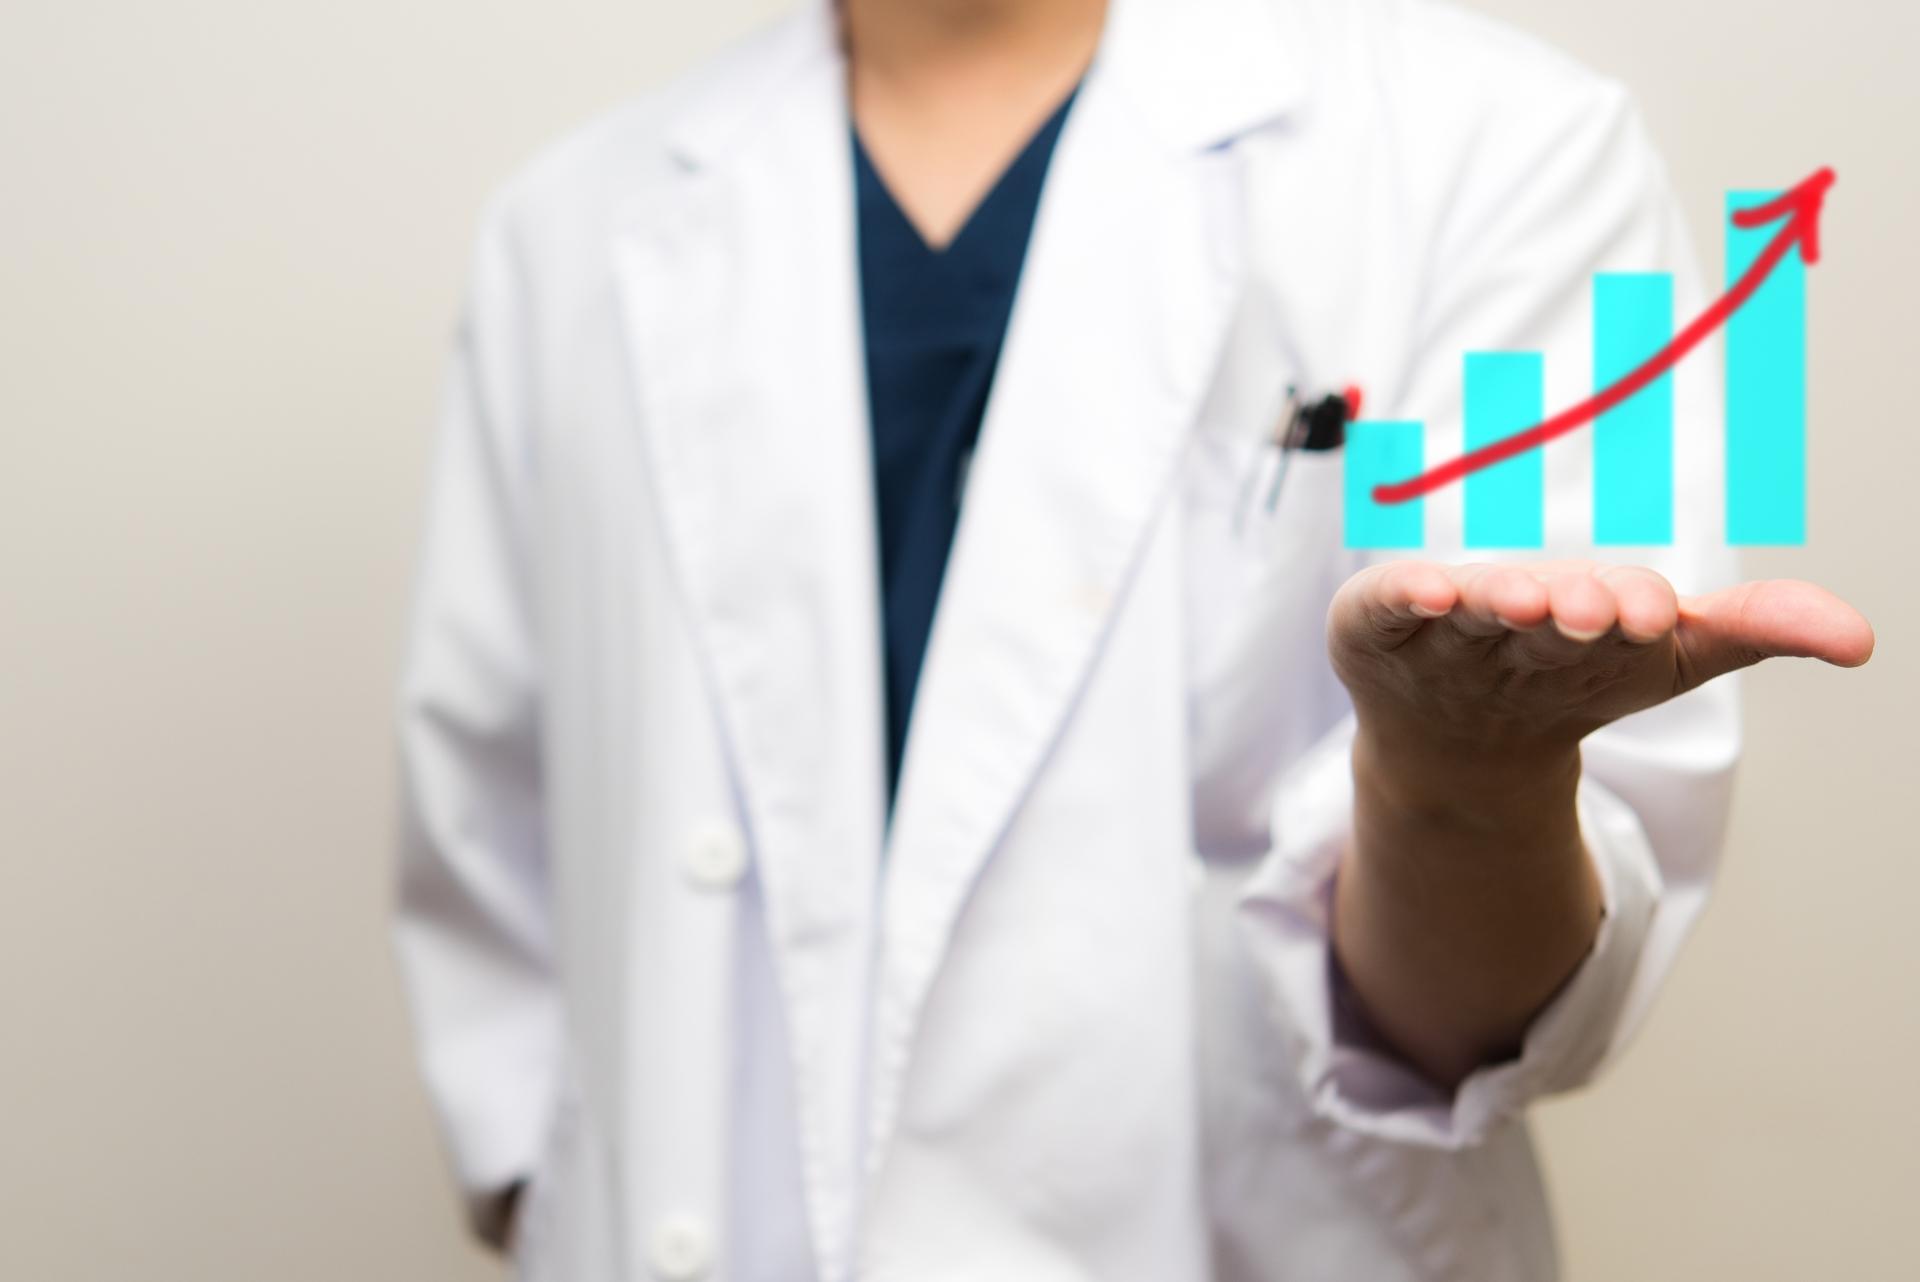 自毛植毛の名医はだれ?名医の条件とは?ズバリ経験値と症例数です。